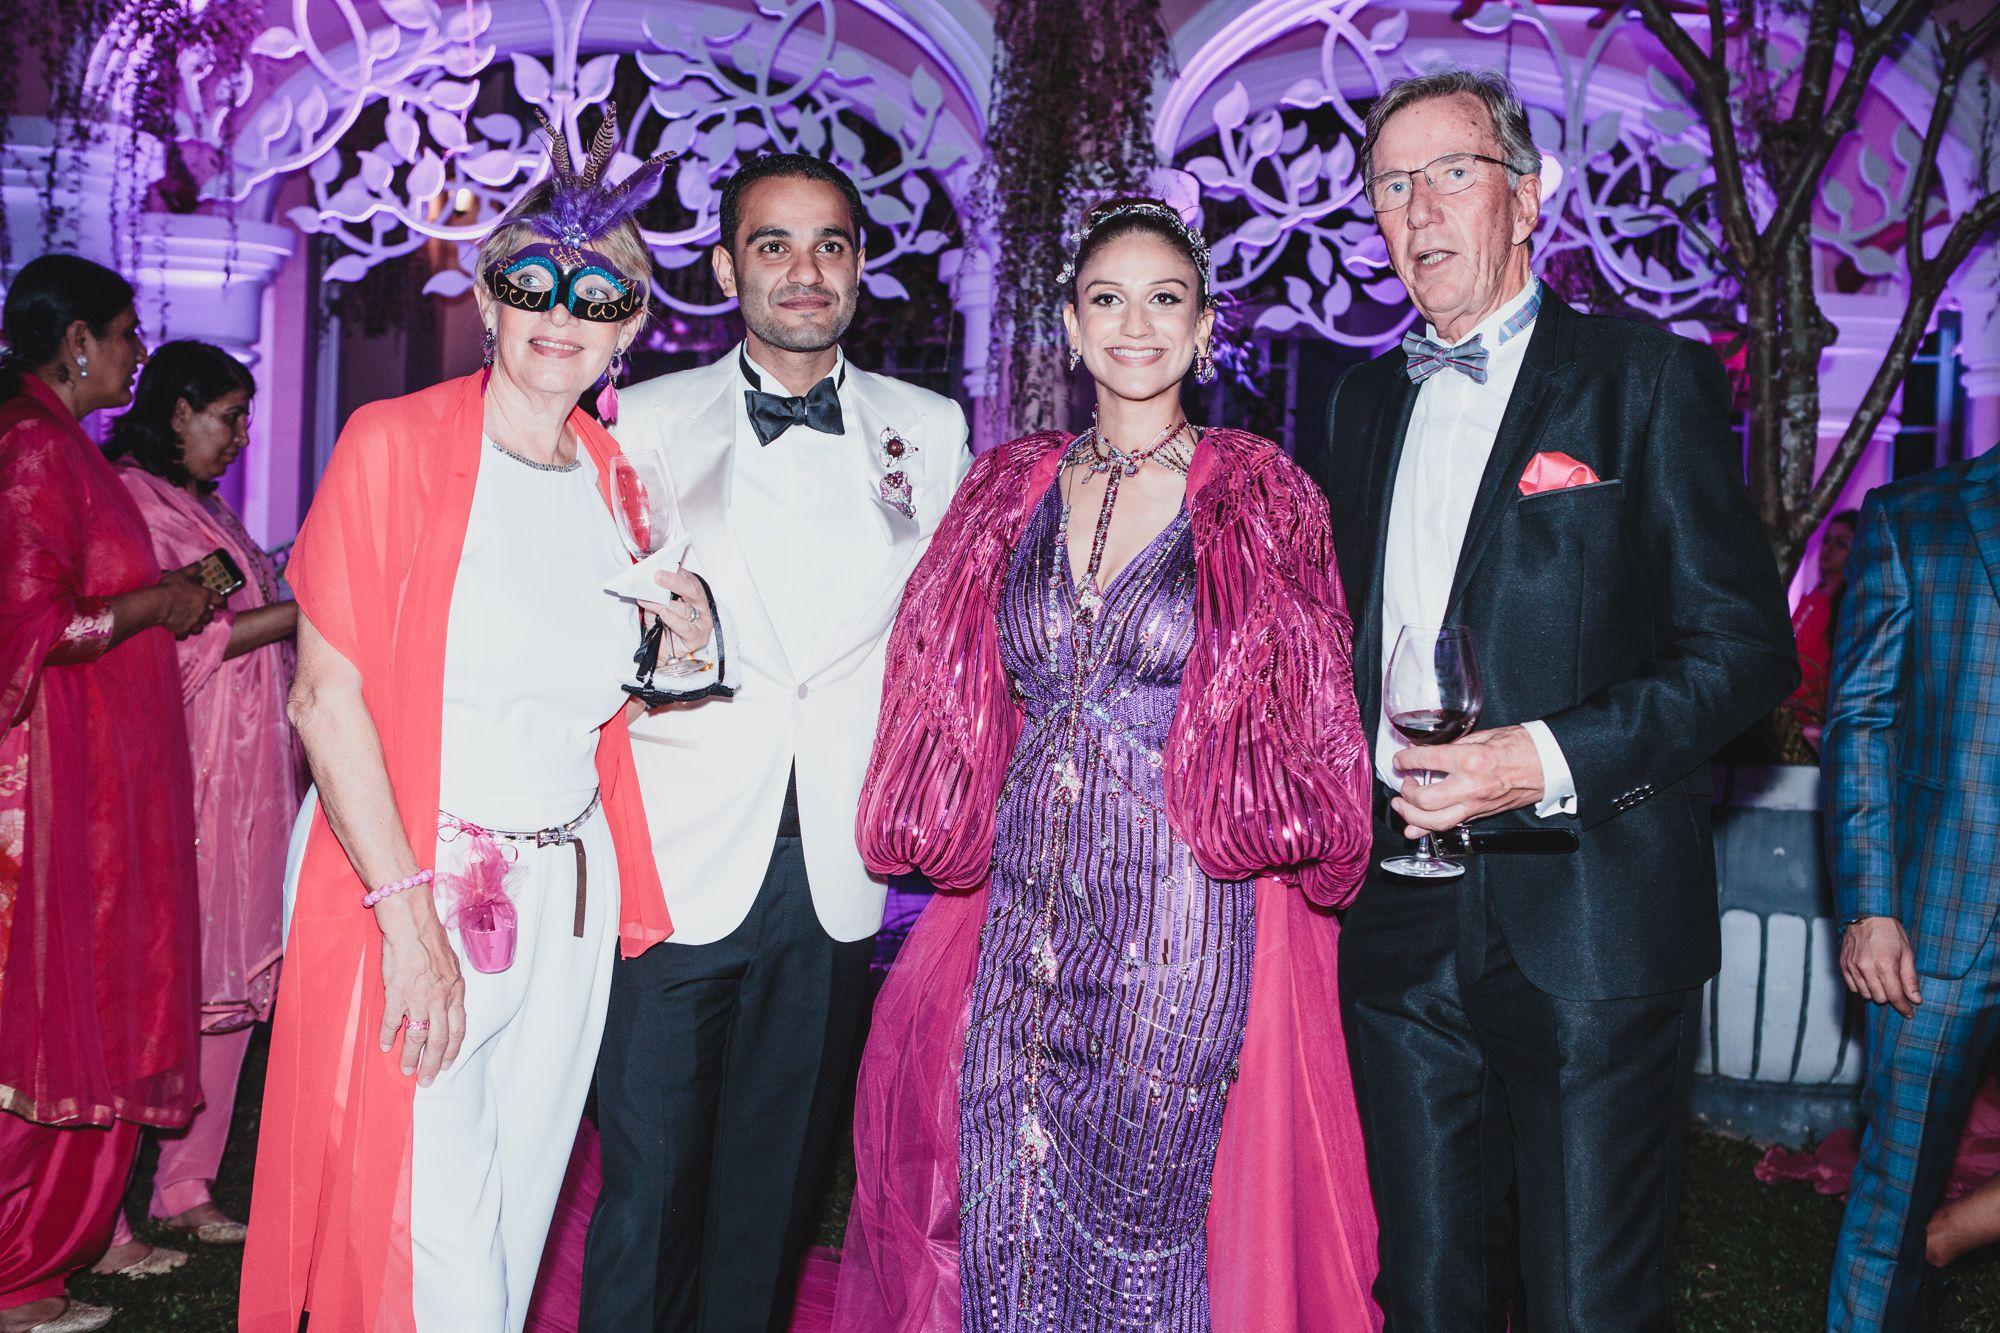 Thêm một tỷ phú Ấn Độ chọn Việt Nam để tổ chức đám cưới - 1